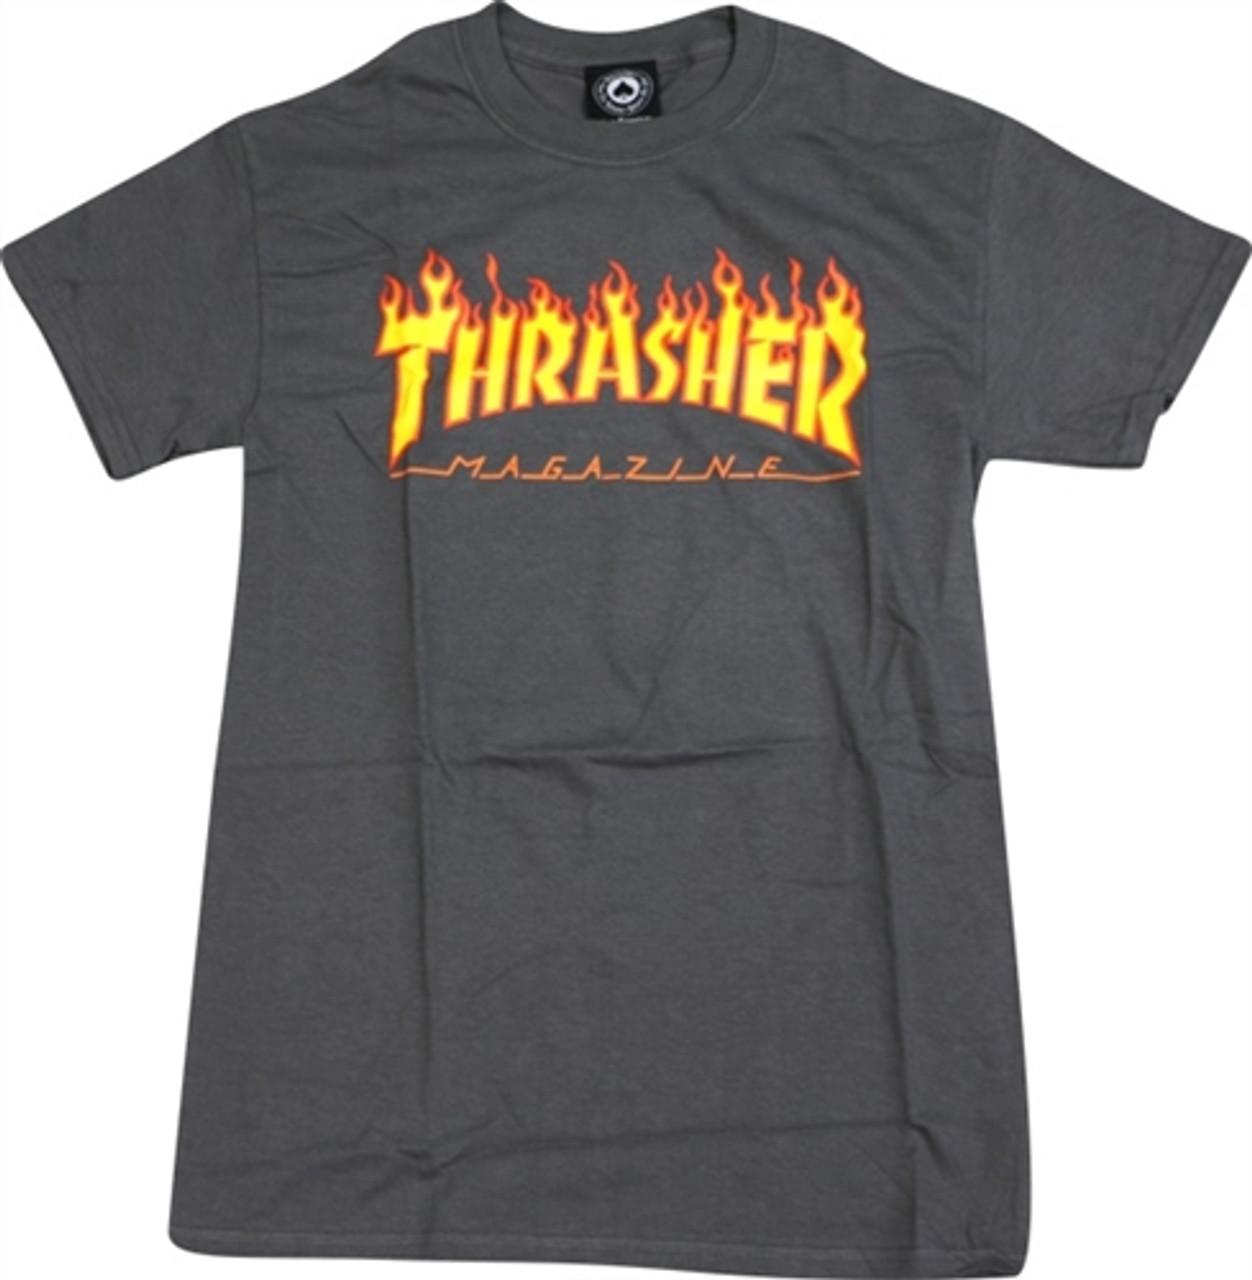 Thrasher Men/'s Flame Short Sleeve T Shirt Black Clothing Apparel Skateboarding